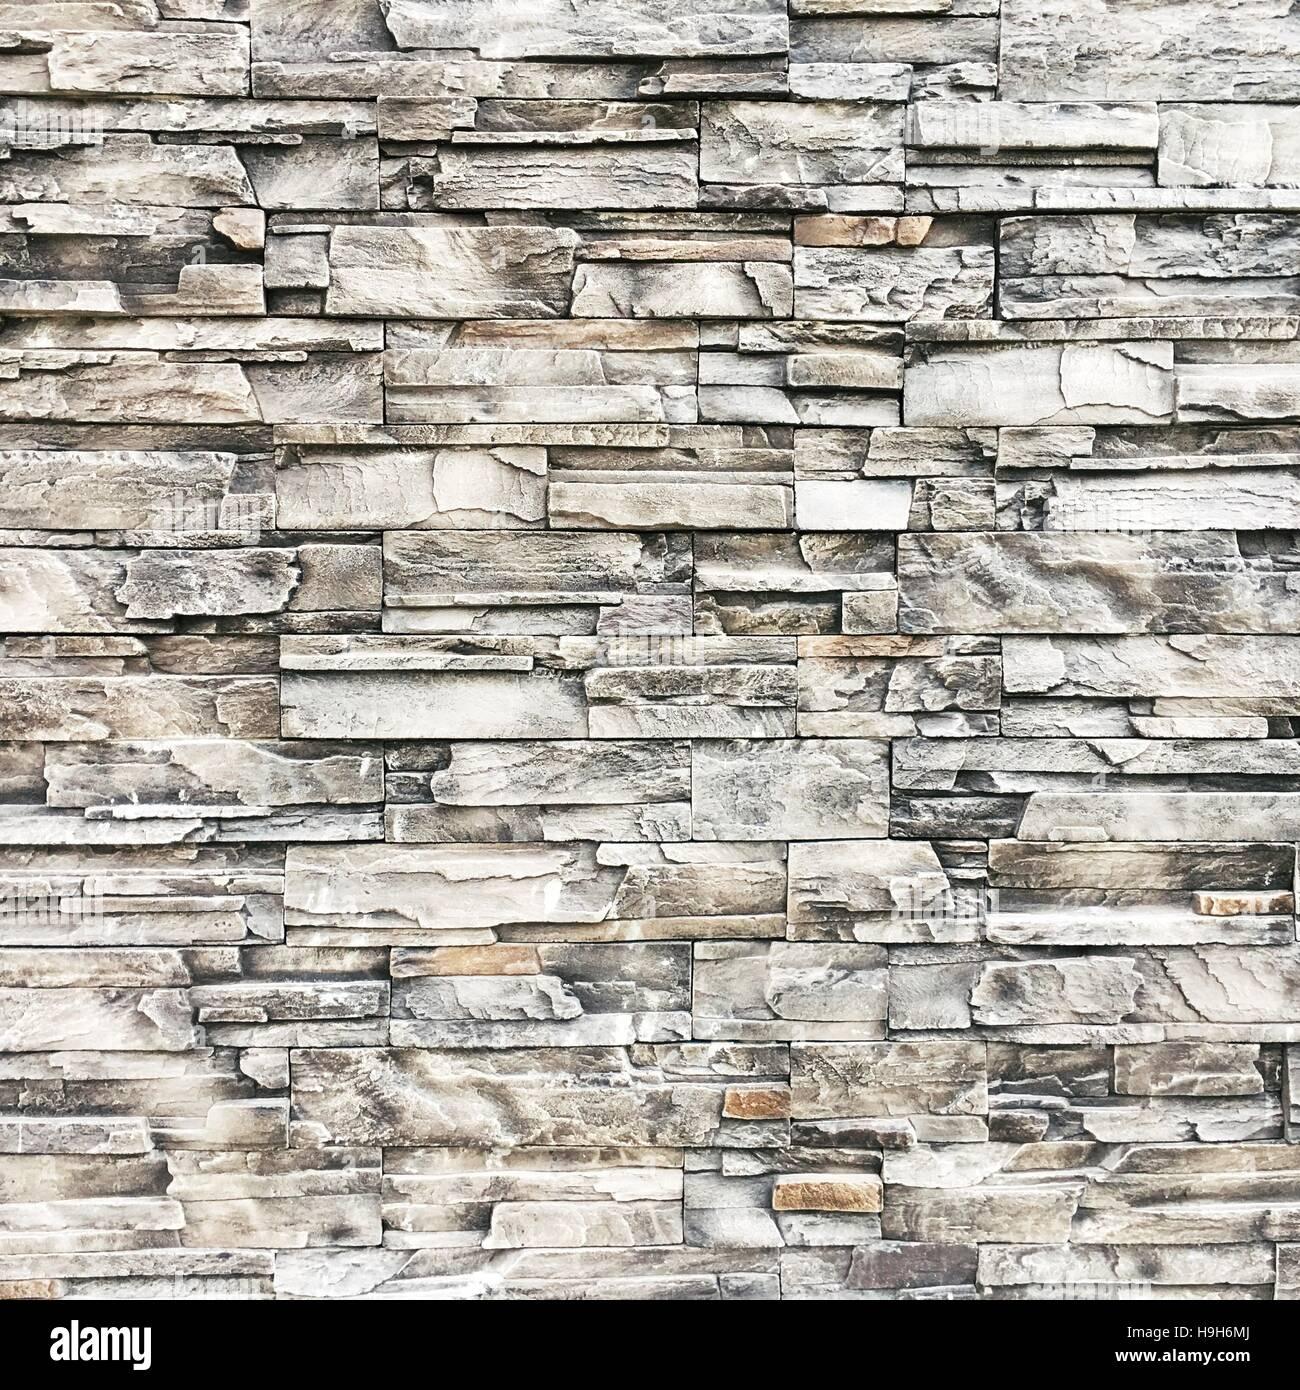 La Pared De Fondo Piedras Ladrillos Piedras Textura Trama